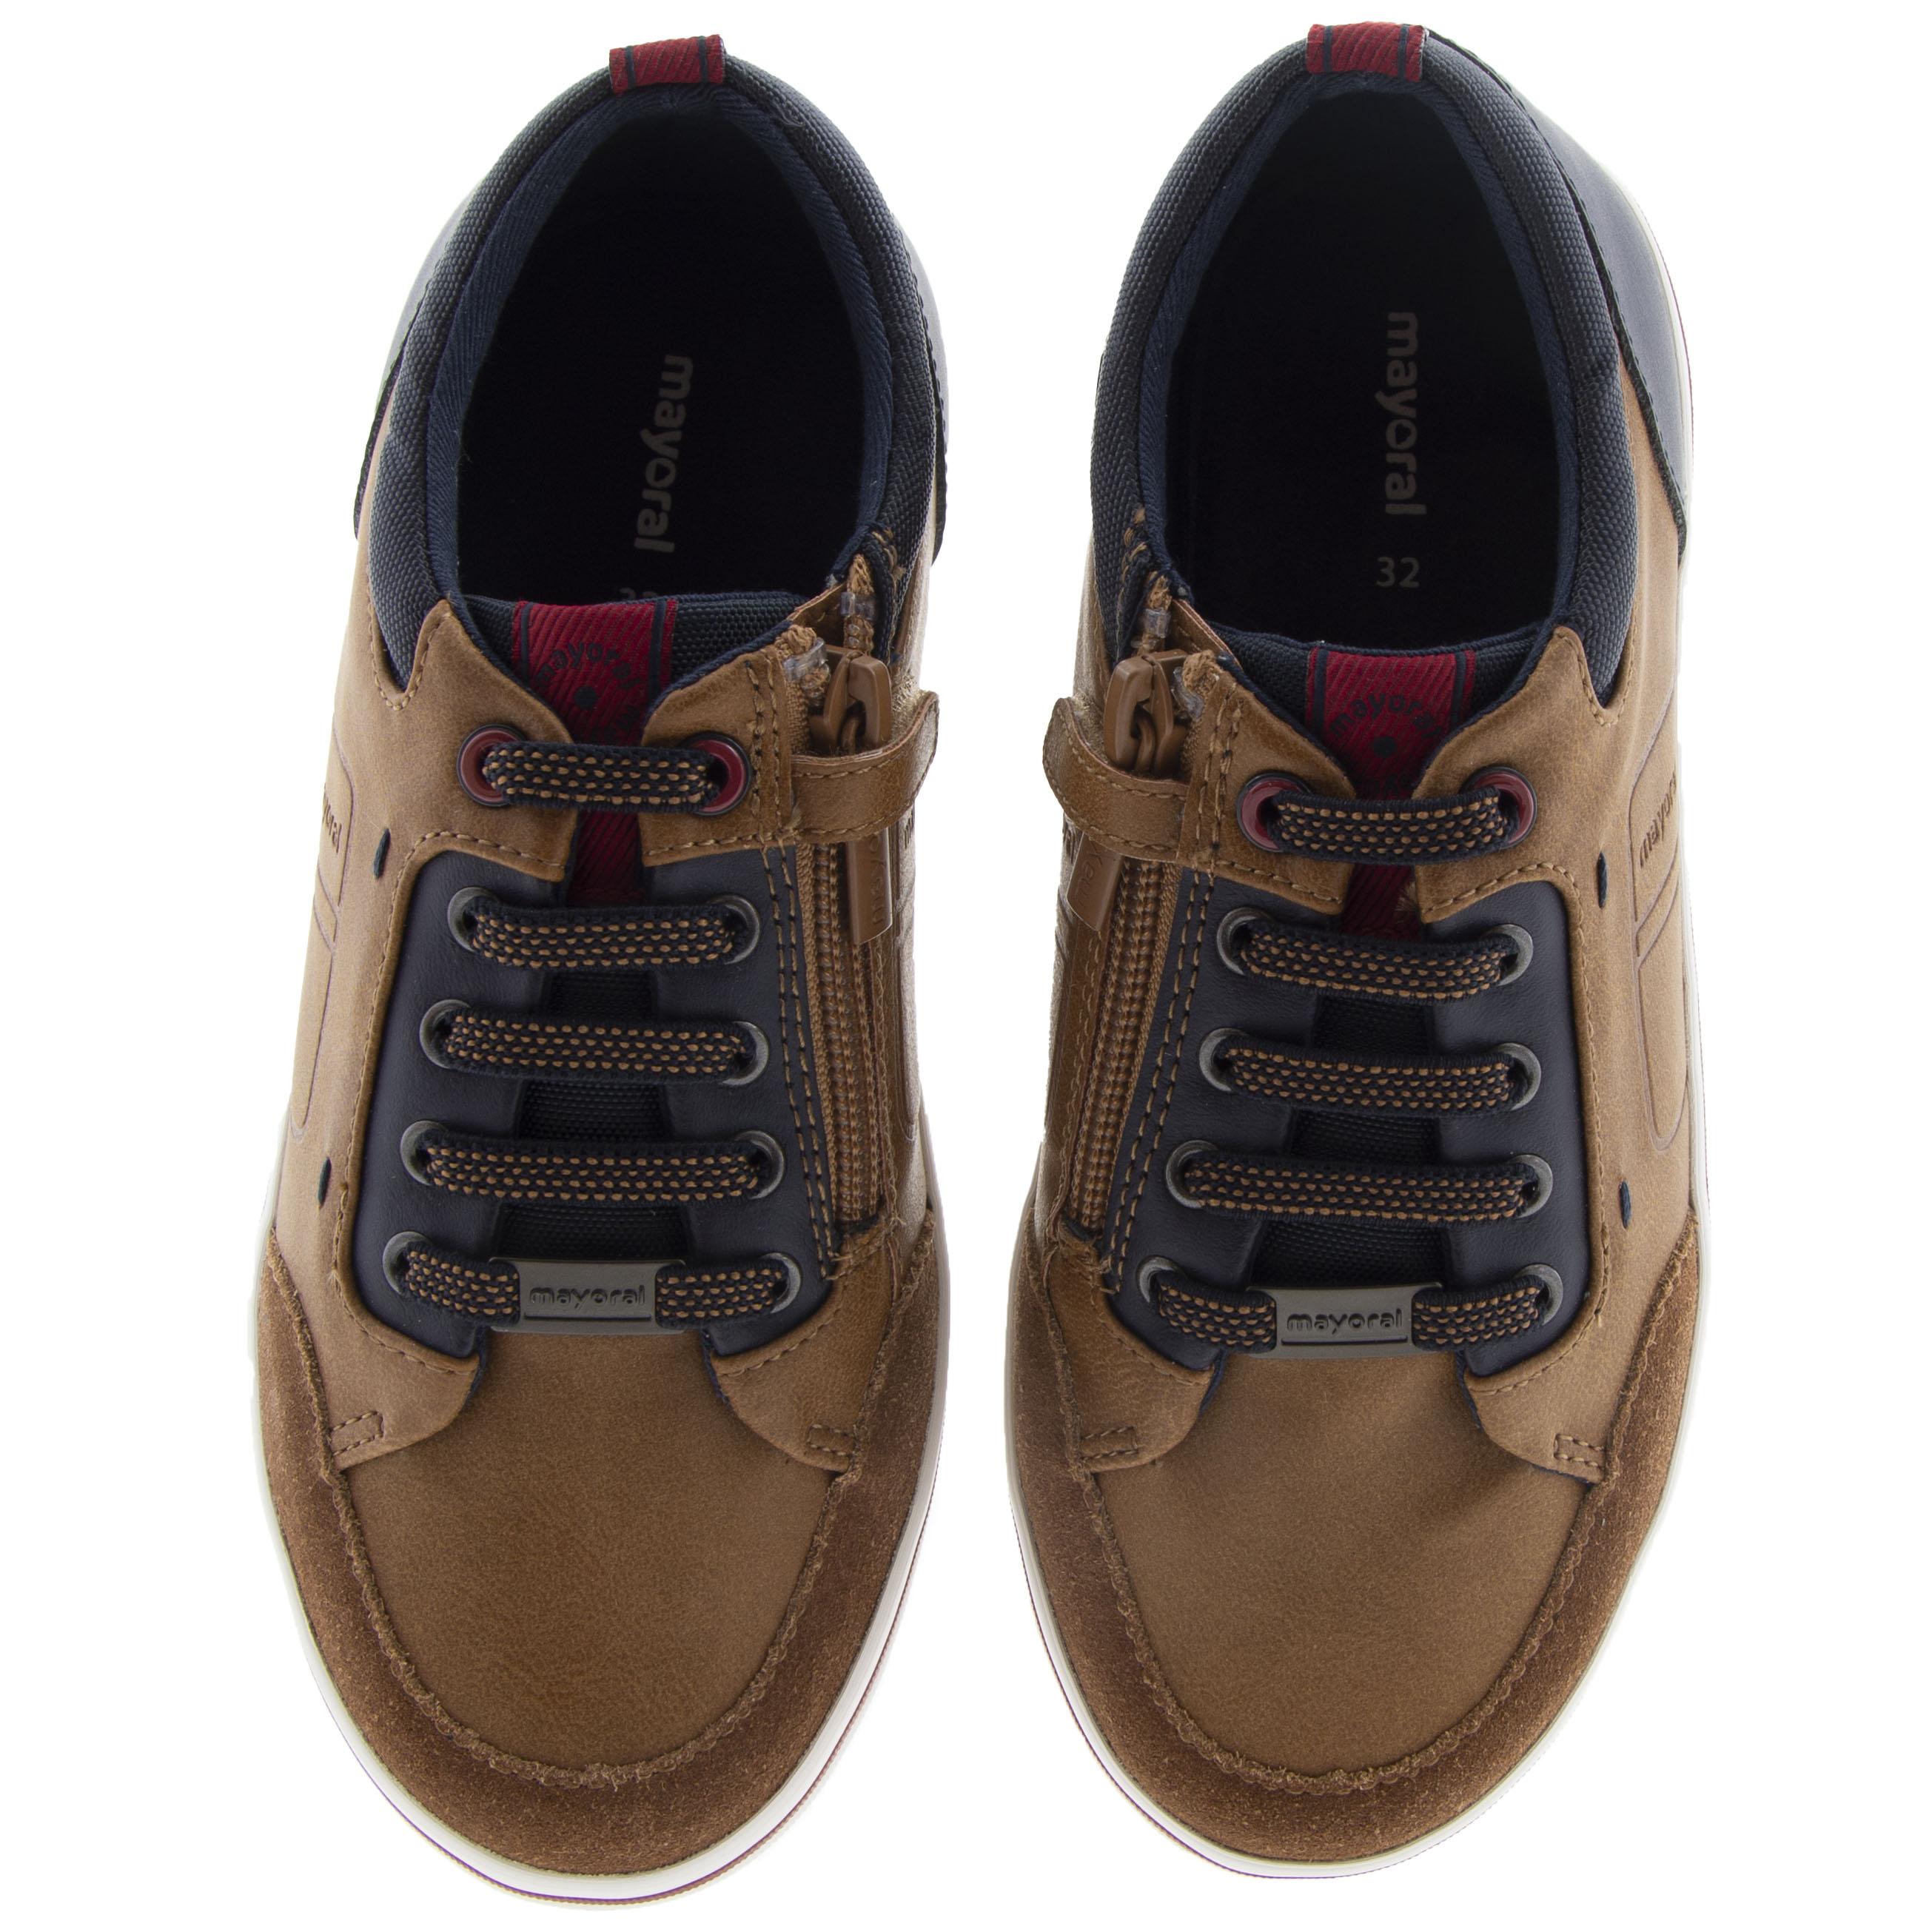 Αγόρι παπούτσια casual αγόρι κάμελ Mayoral   20-45199-086